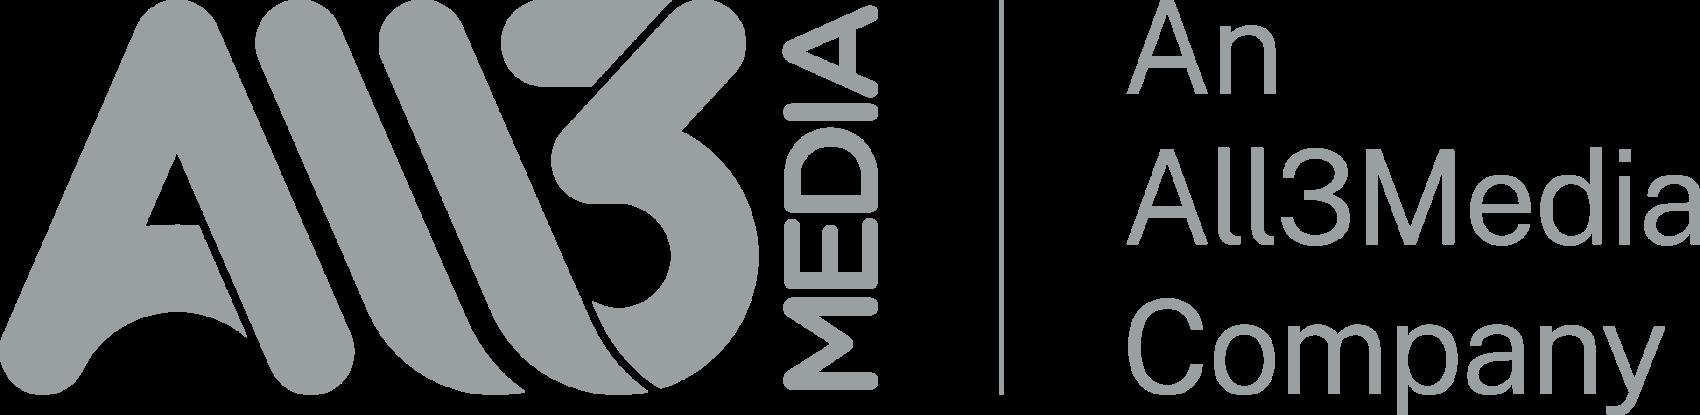 All 3 Media